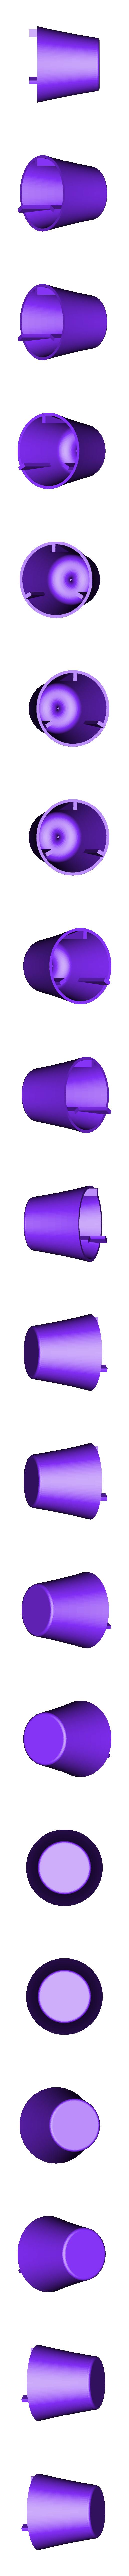 Horn_reentrant_small_inner.stl Télécharger fichier STL gratuit Klaxon MP3 pour vélo • Modèle pour impression 3D, mschiller